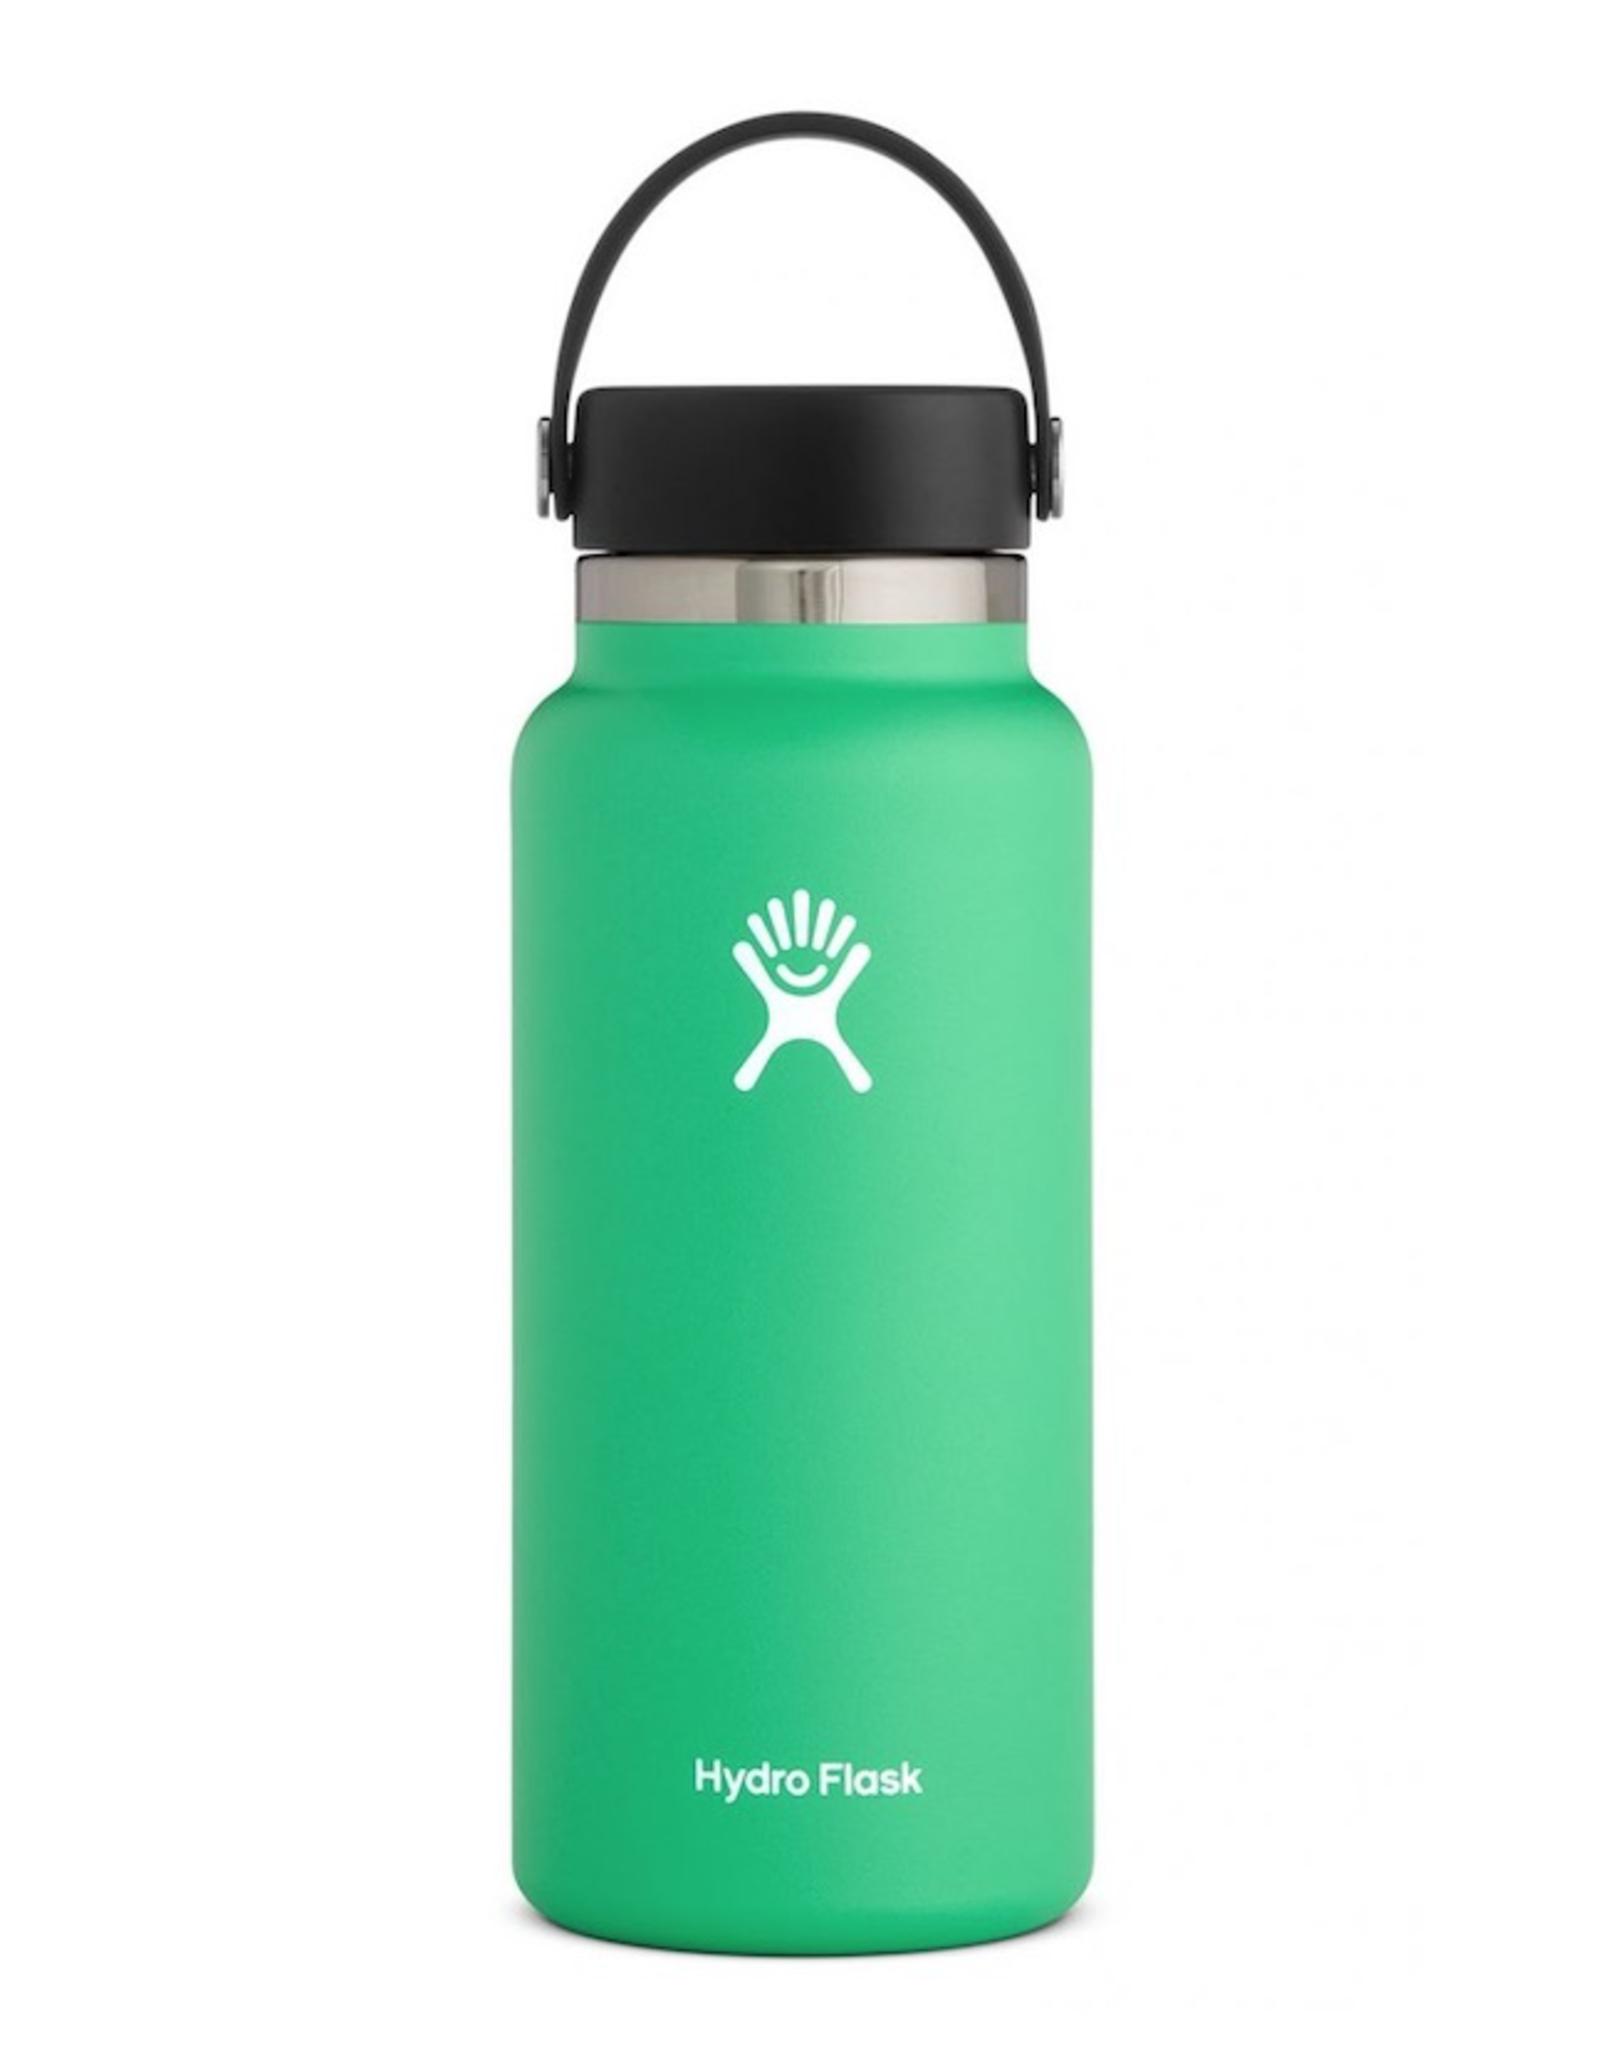 Hydro Flask 32 oz Wide Mouth Flex Cap Bottle in Spearmint